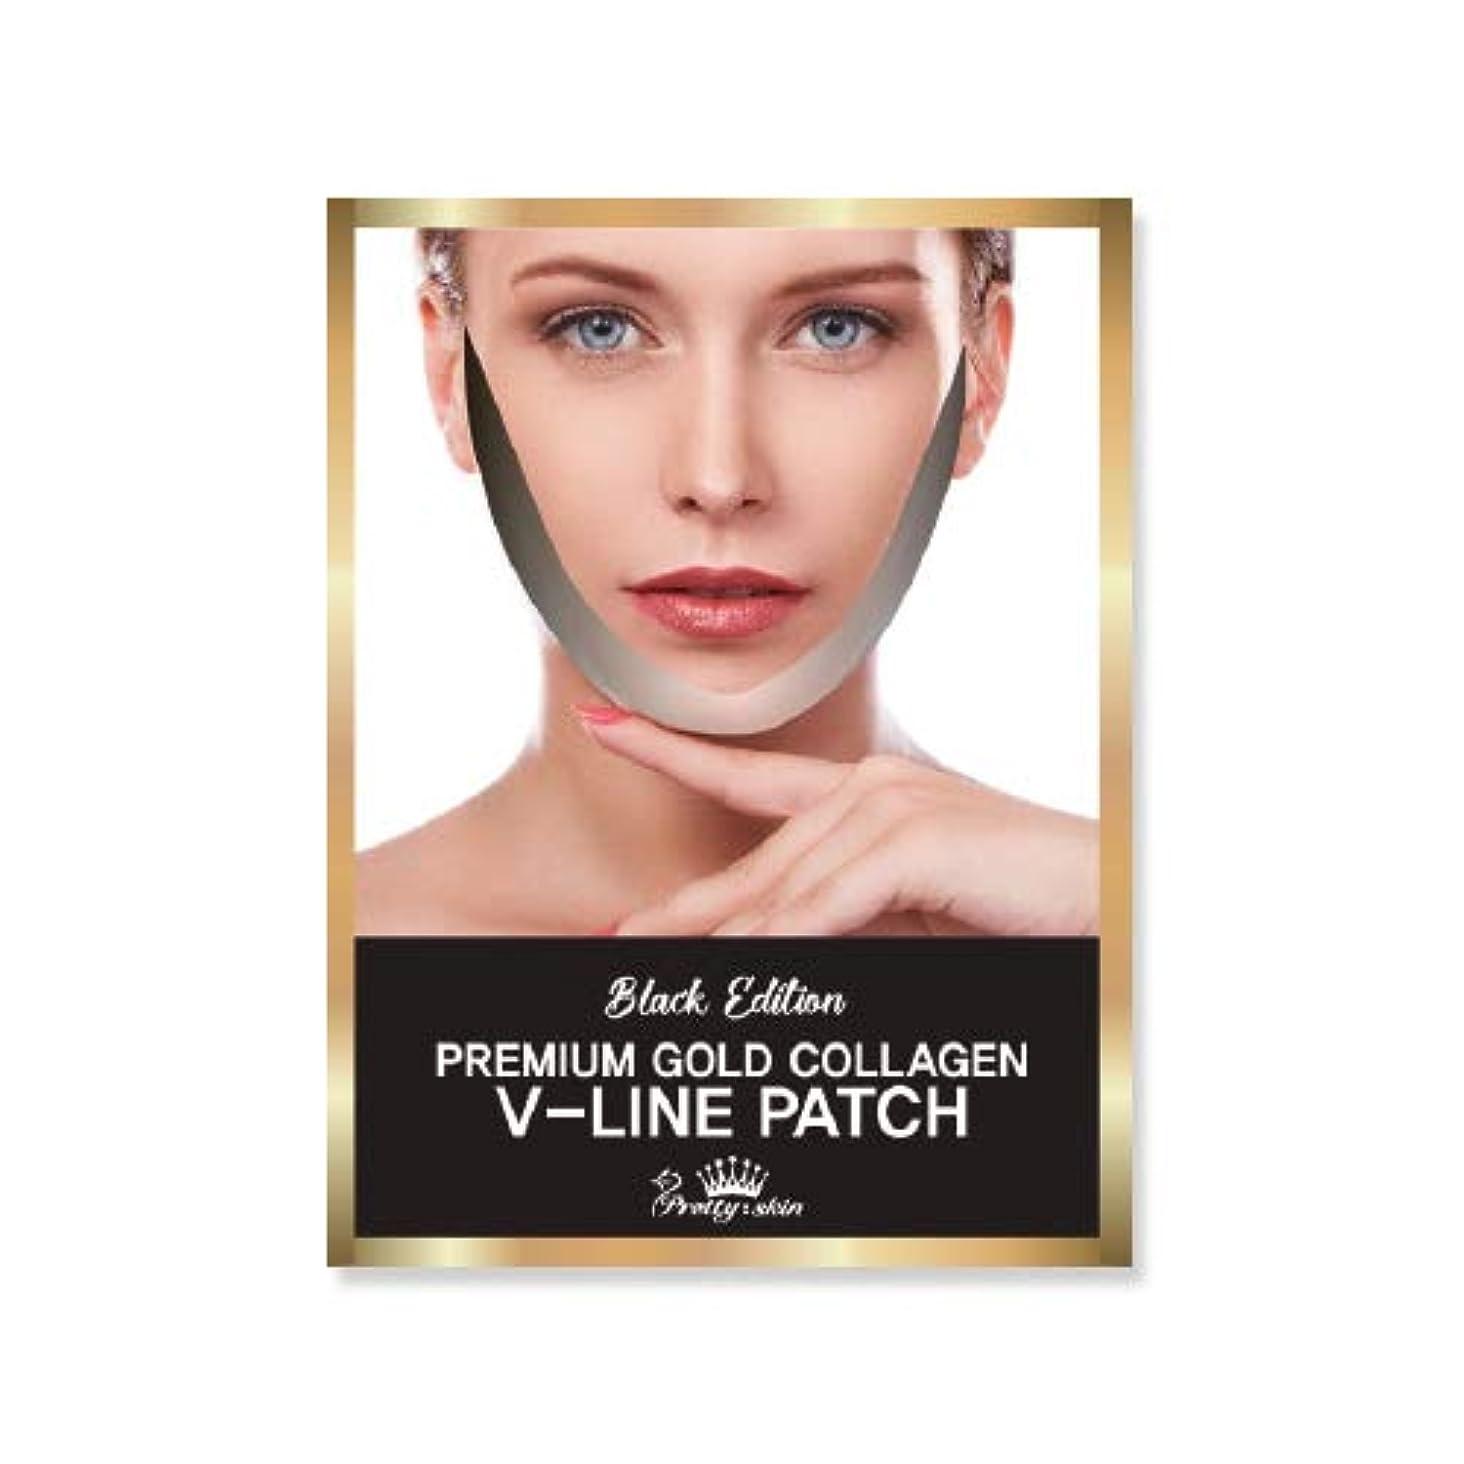 デュアル靴ストレージpretty skin プリティスキン V-LINE PATCH ブイラインパッチ リフトアップ マスク (5枚組, ブラック)